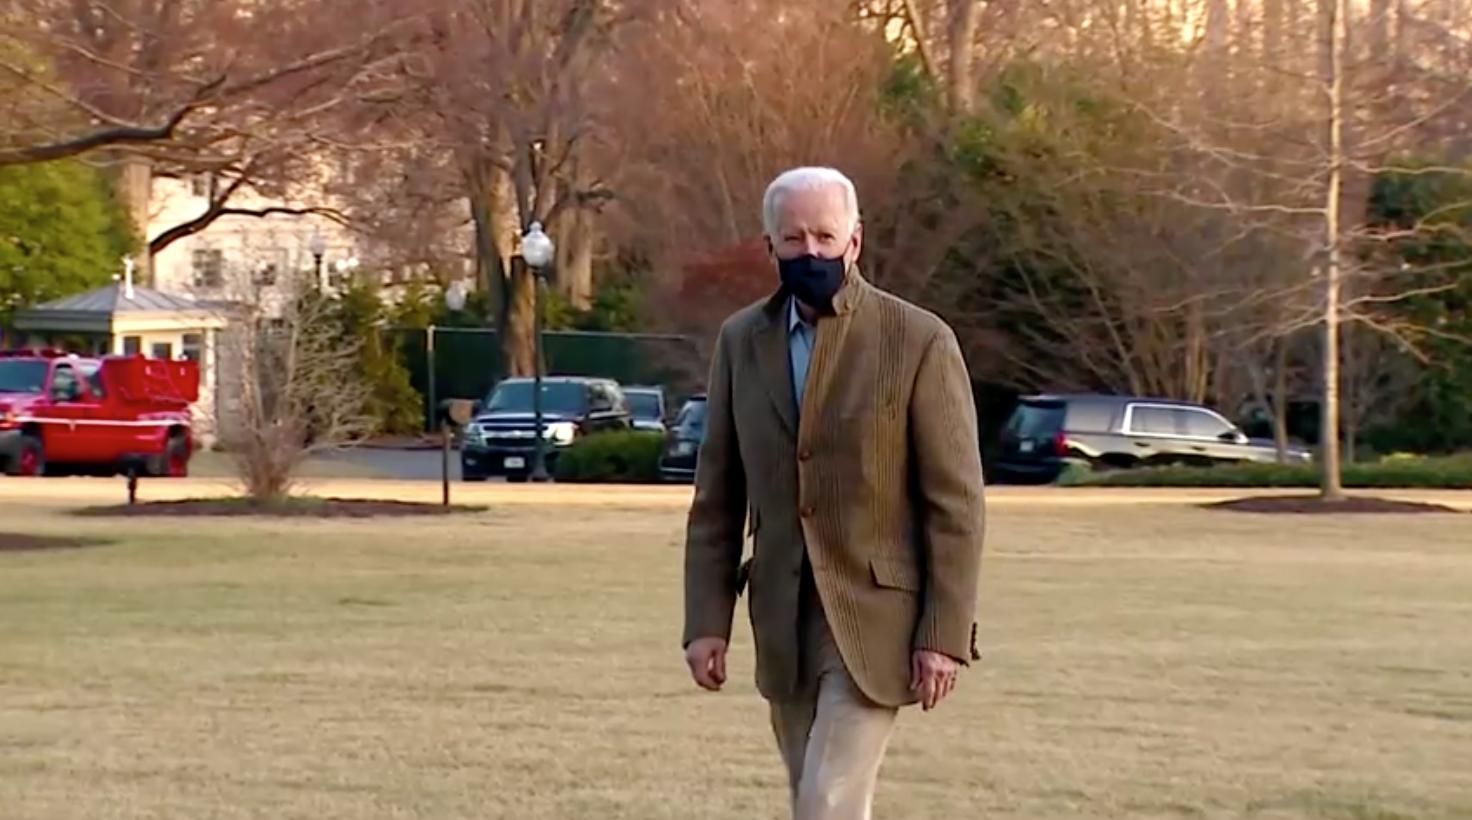 Tổng Thống Biden từ chối kêu gọi Thống Đốc Andrew Cuomo từ chức cho đến khi cuộc điều tra về các cáo buộc quấy rối tình dục hoàn thành